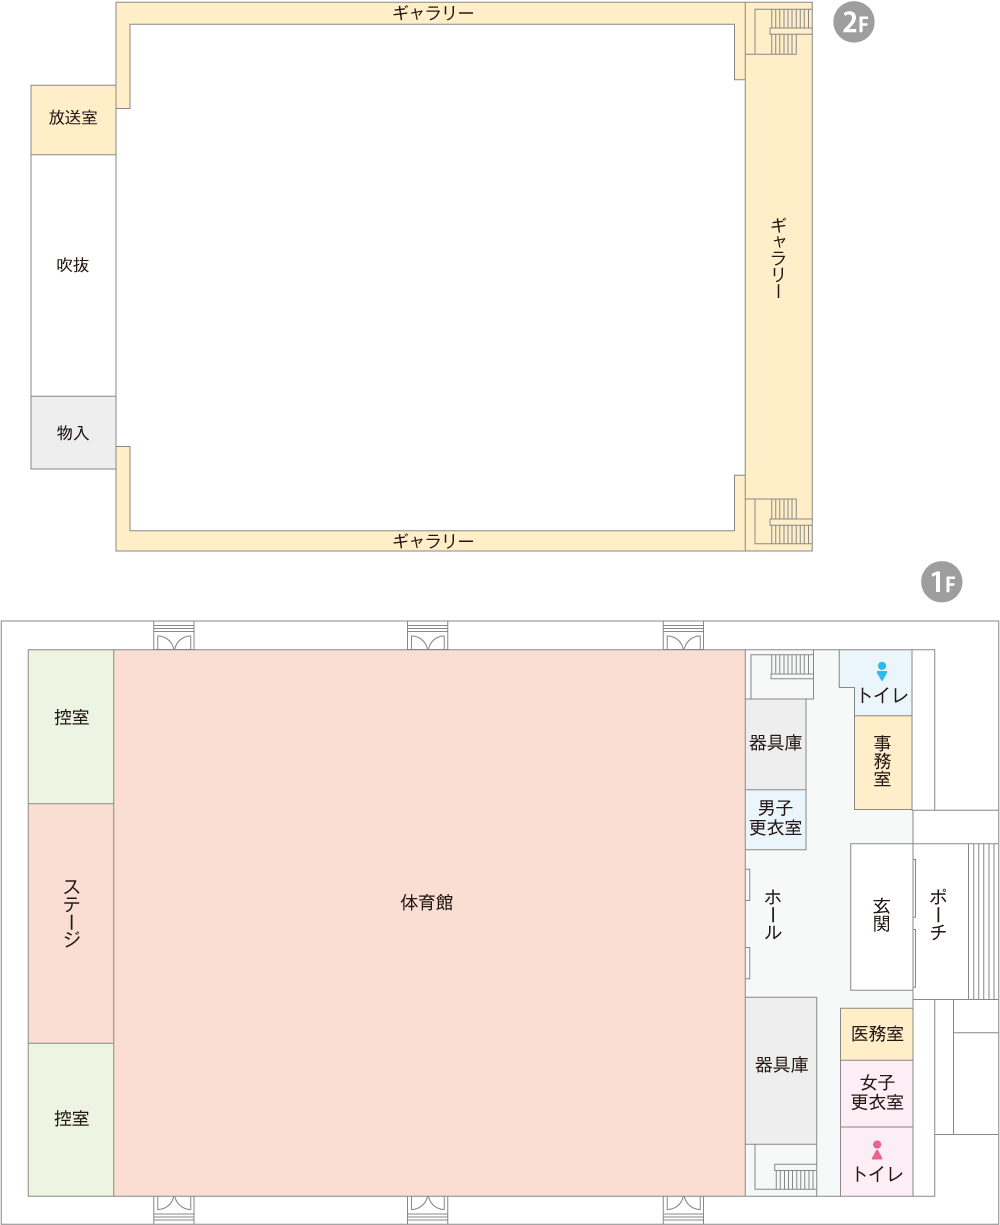 浅井体育館平面図